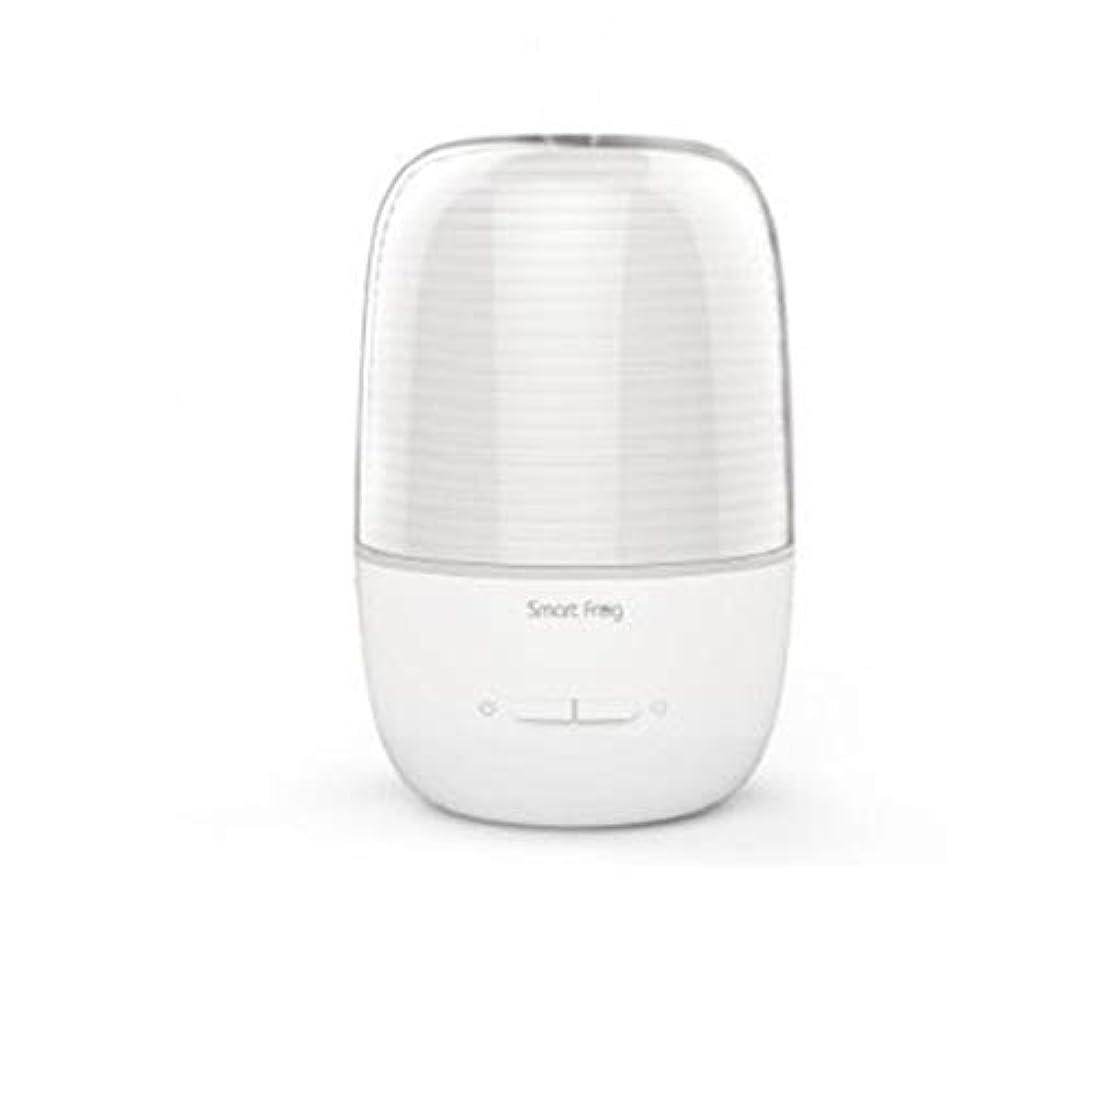 事実法令満了130ml超音波冷たい霧の加湿器の変更家のヨガのオフィスの鉱泉の寝室の拡散器 (Color : White)